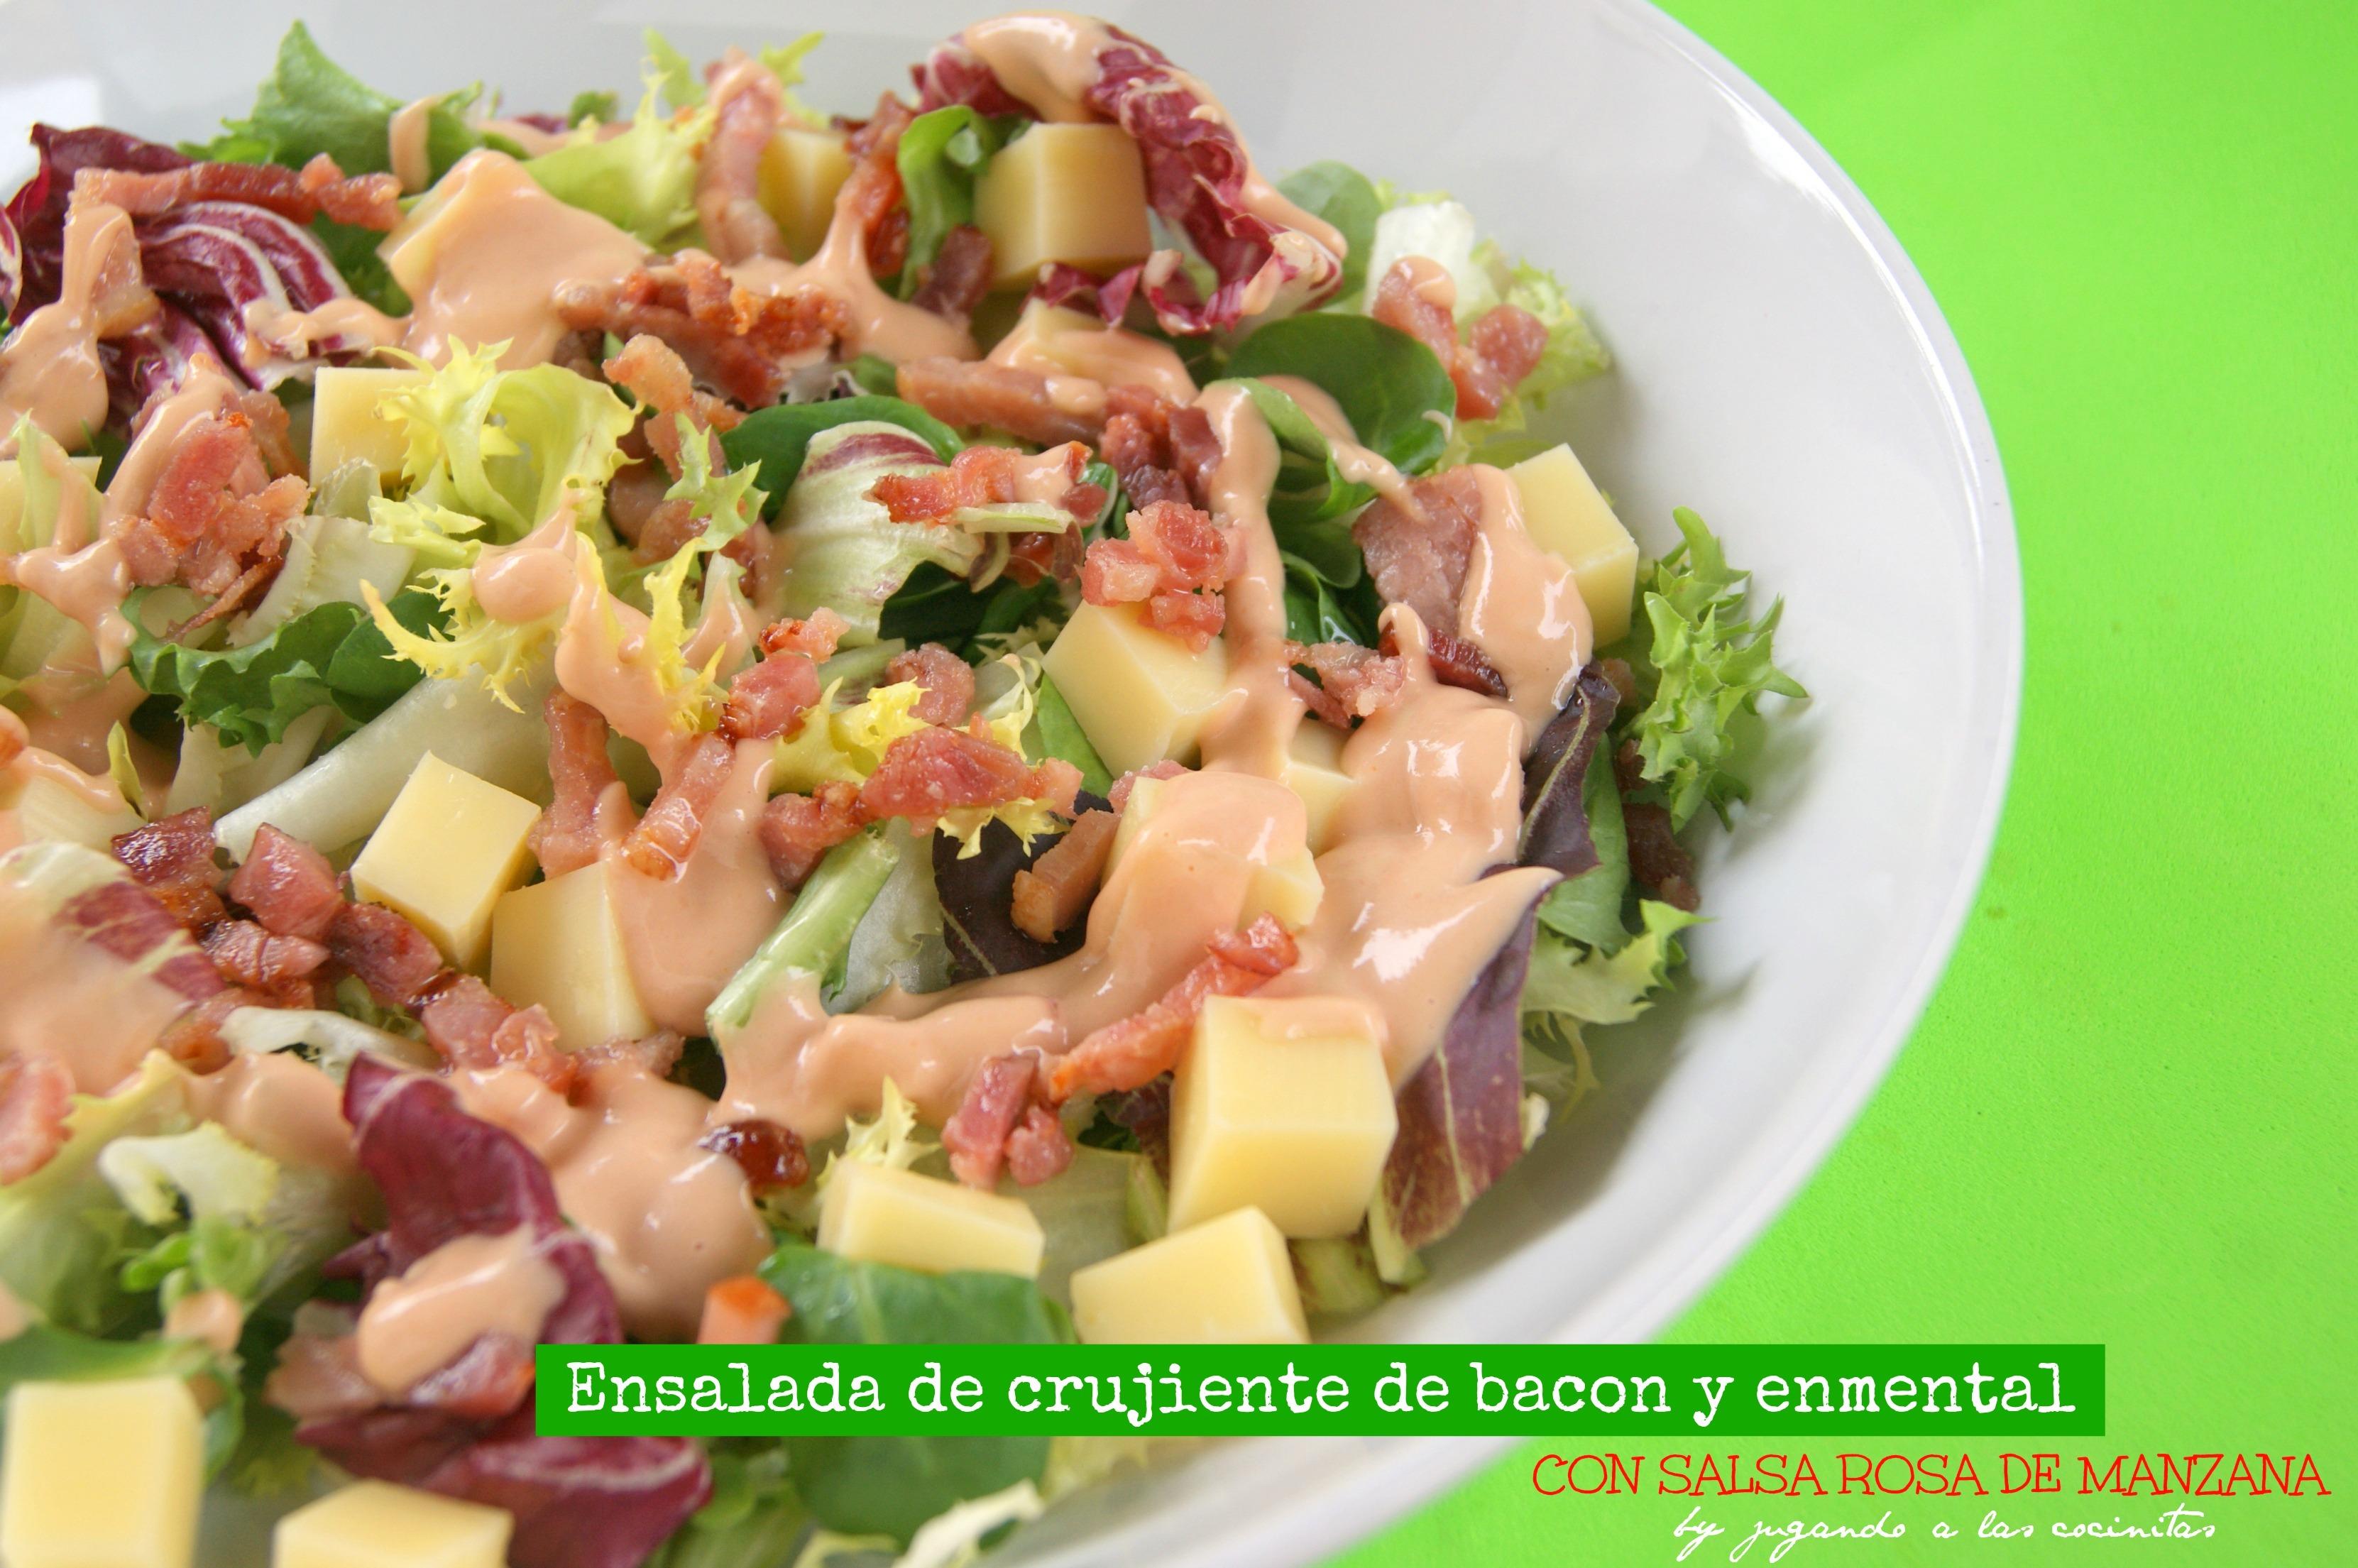 Ensalada con bacon crujiente, queso enmental y salsa rosa de manzana